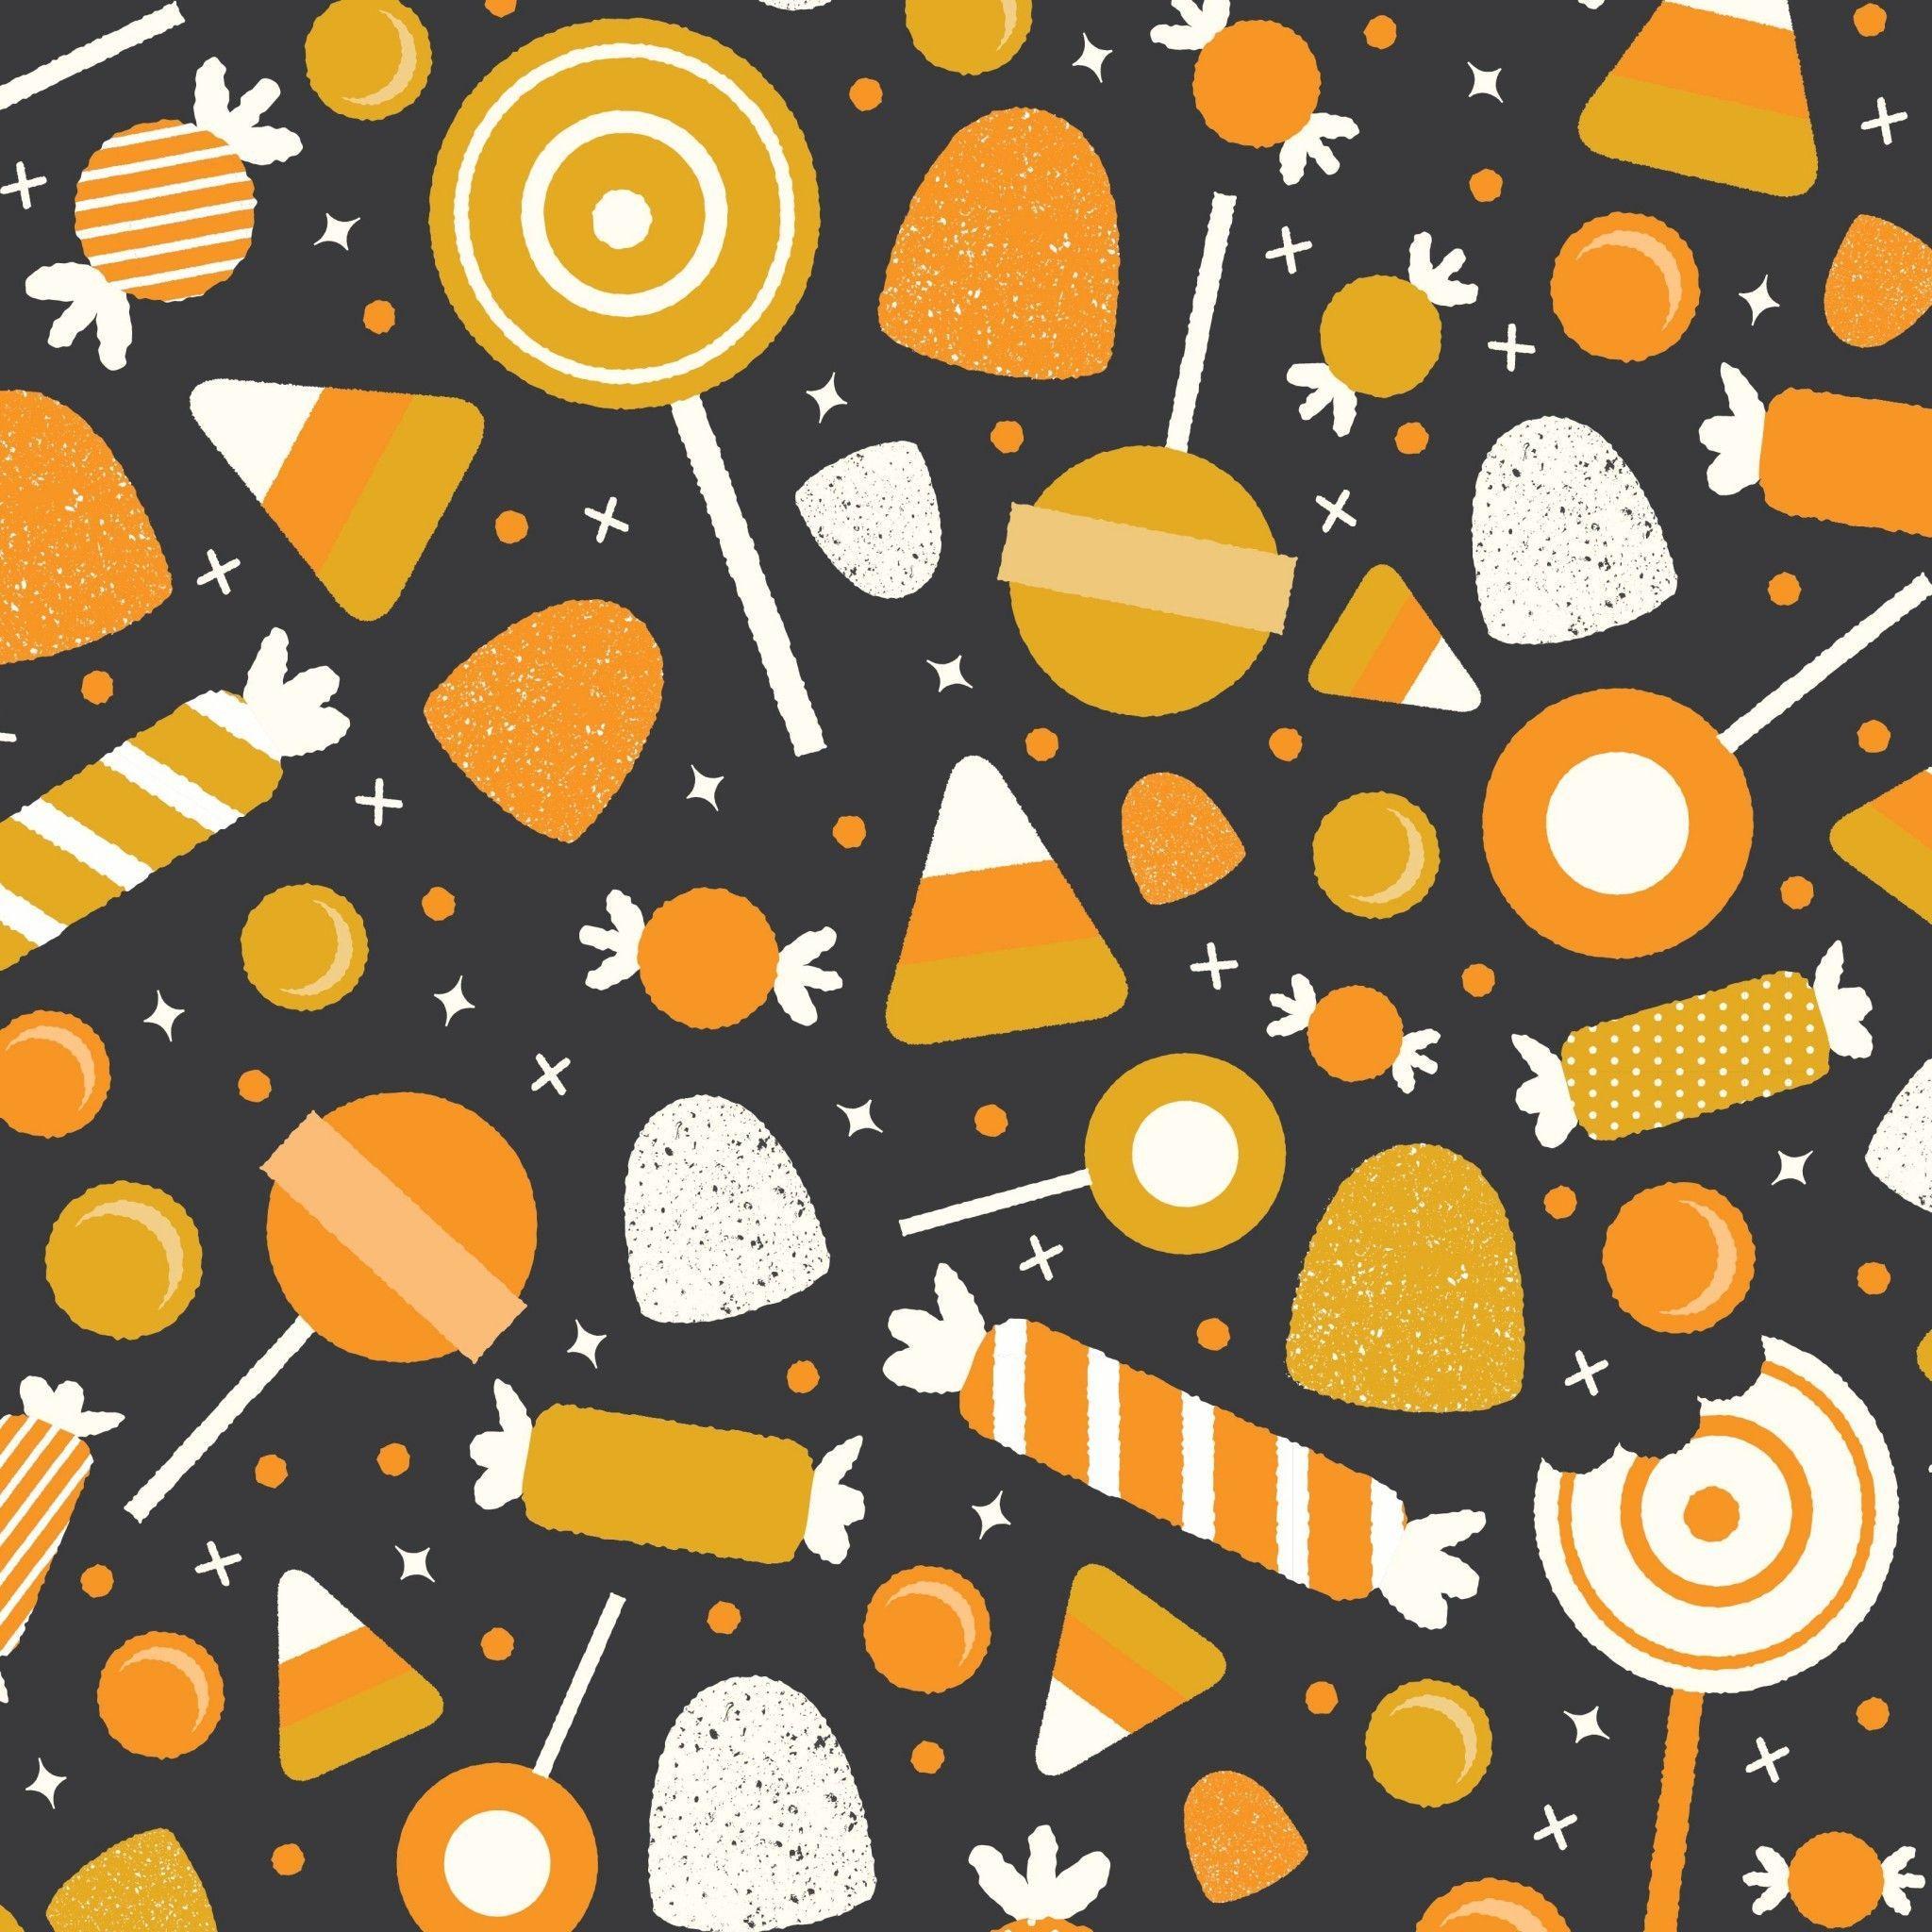 Cute Halloween Backgrounds.Cute Halloween Candy Wallpapers Top Free Cute Halloween Candy Backgrounds Wallpaperaccess